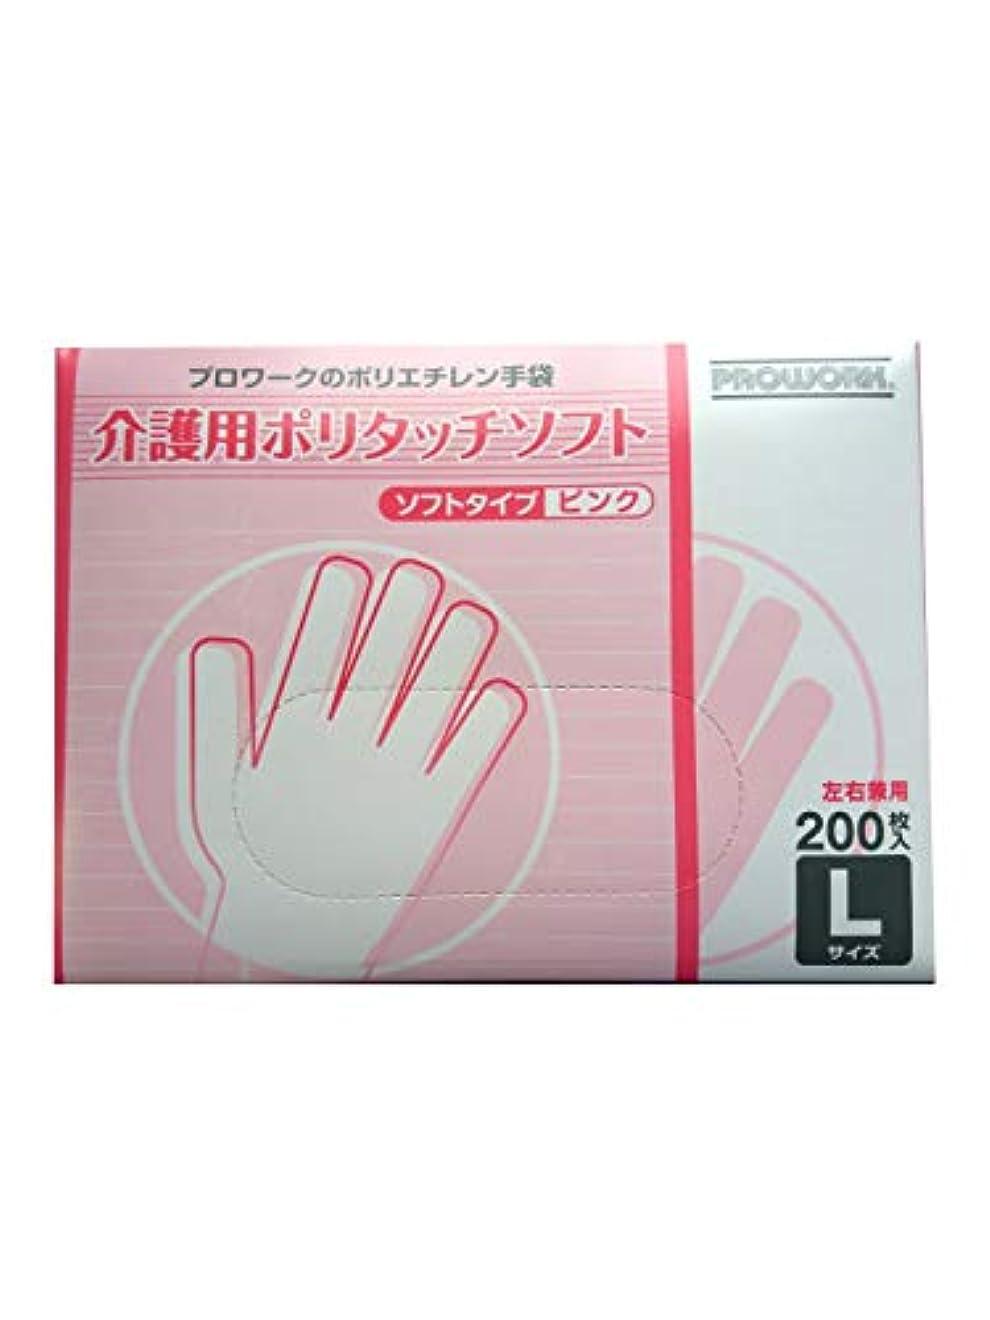 砲兵歯車信頼性のある介護用ポリタッチソフト手袋 ピンク Lサイズ 左右兼用200枚入